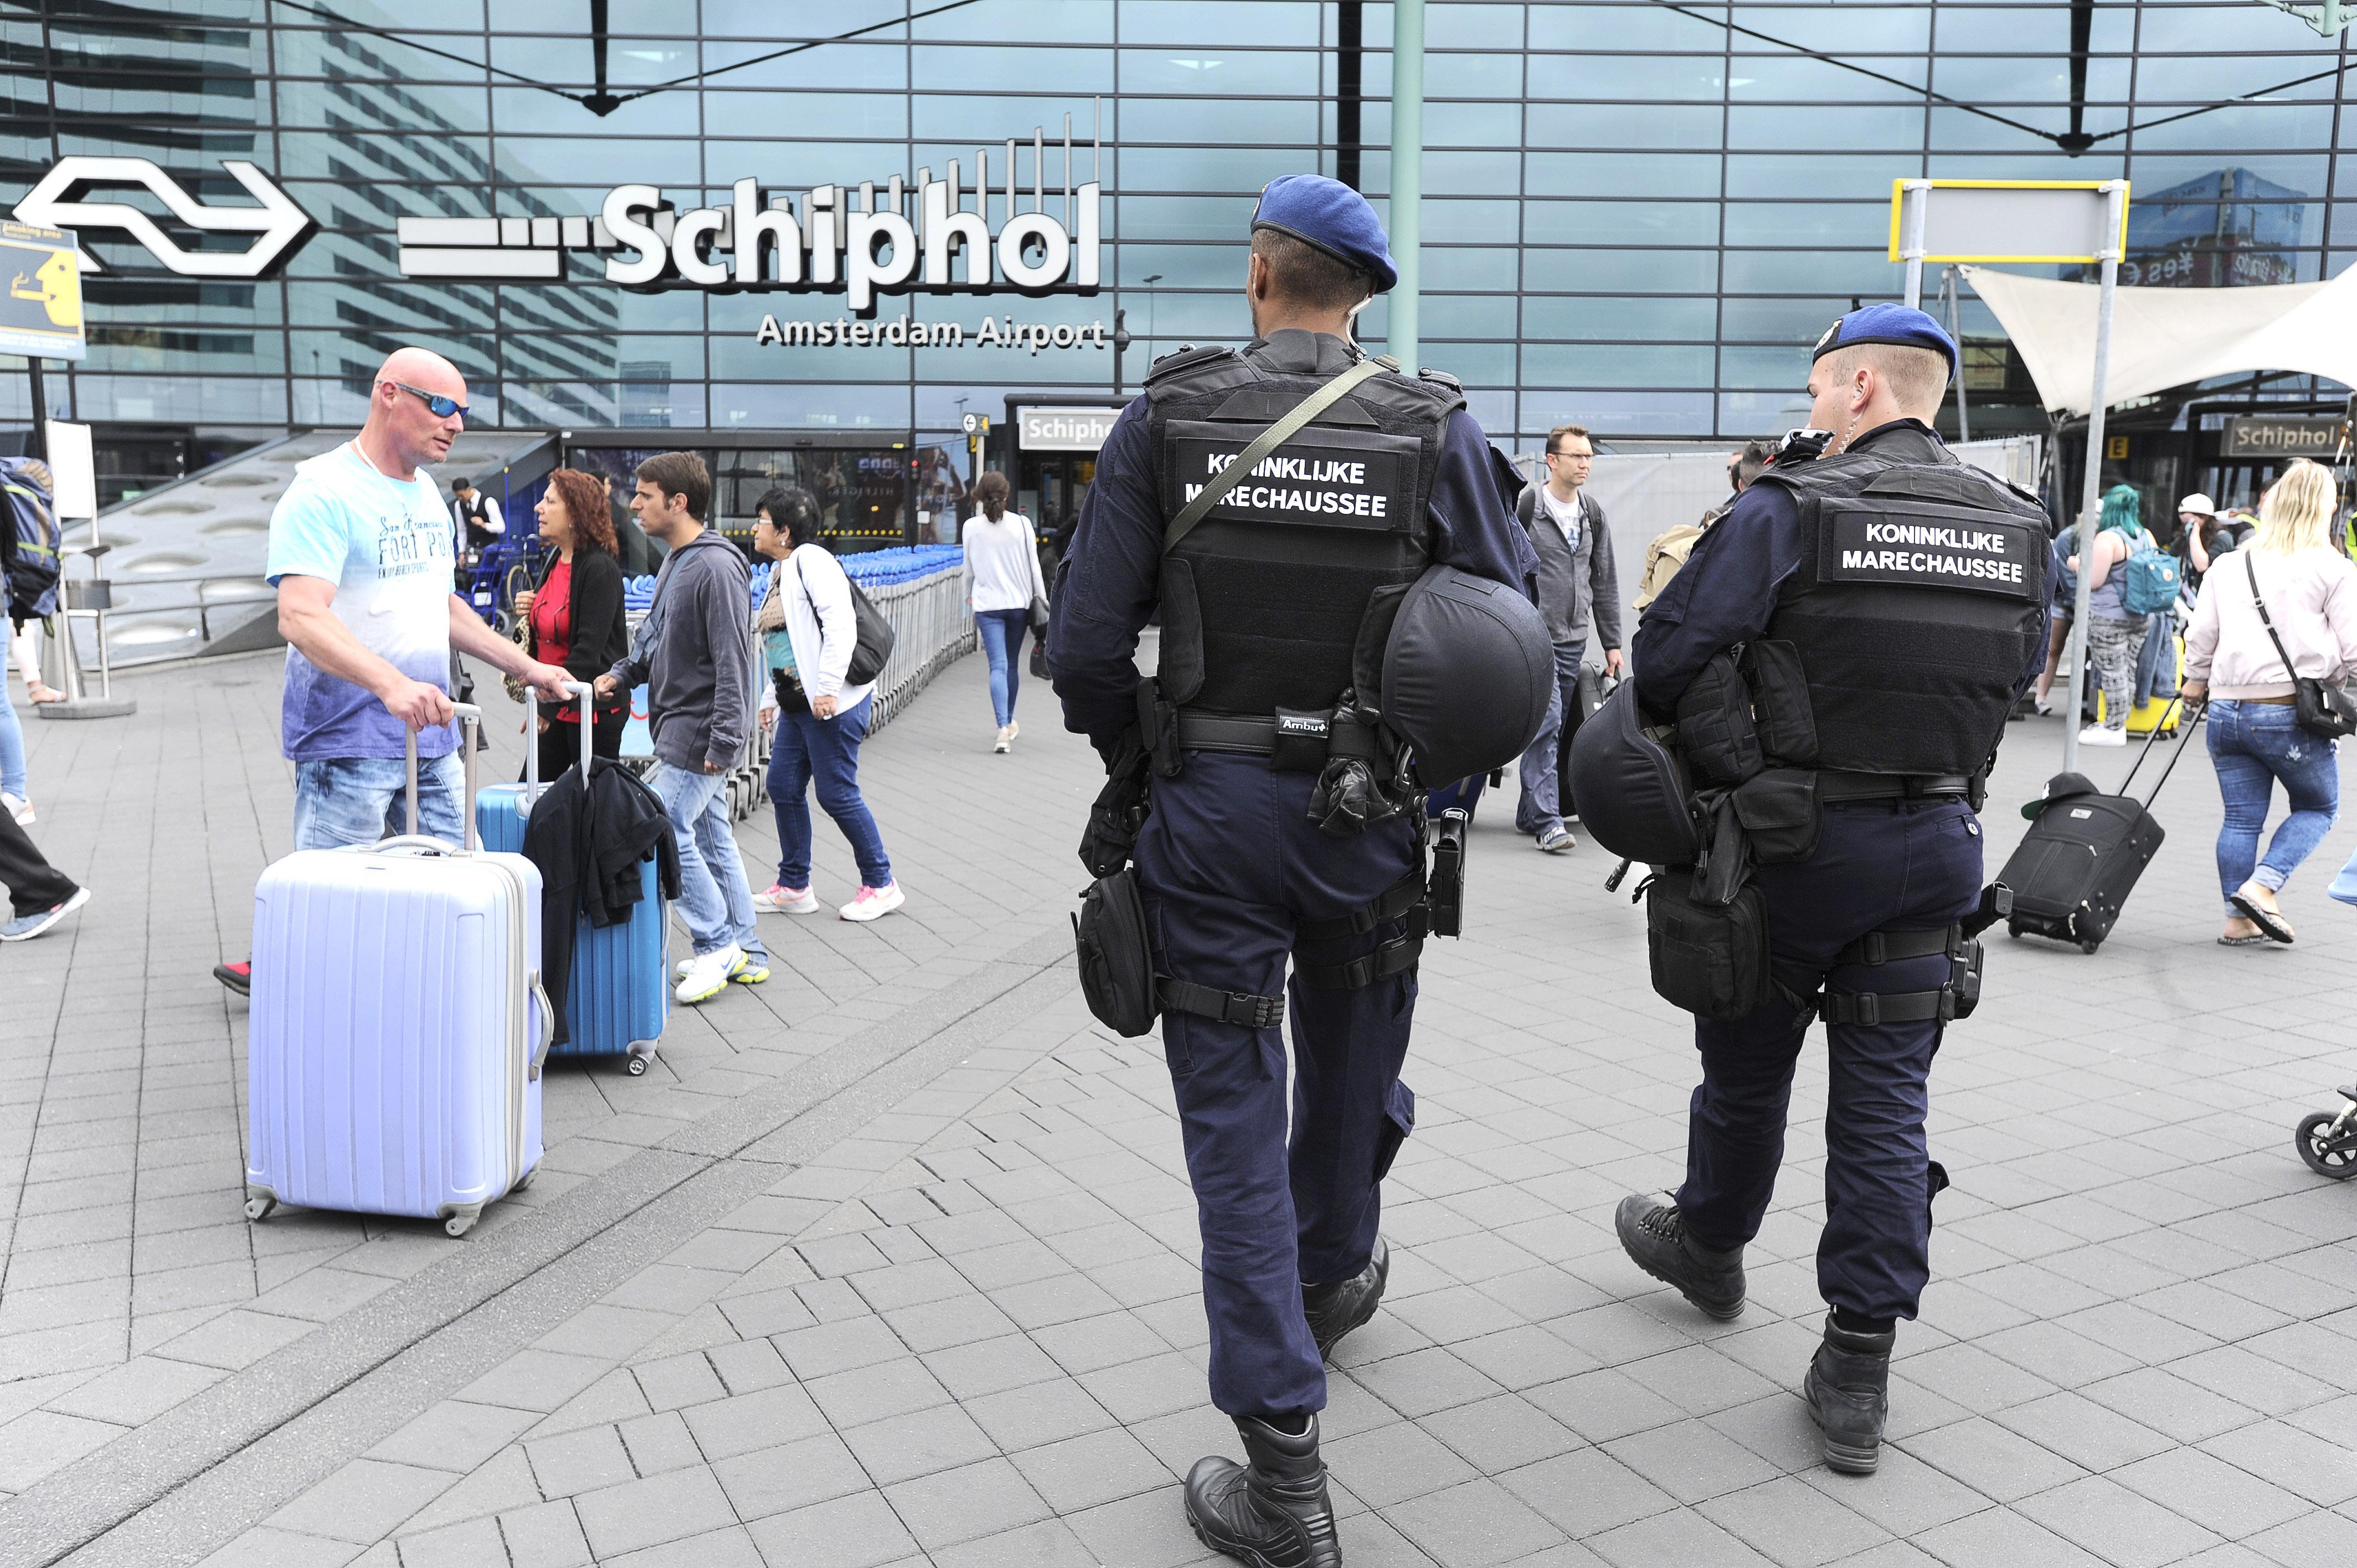 20-jarige man met mes aangehouden op Schiphol Plaza